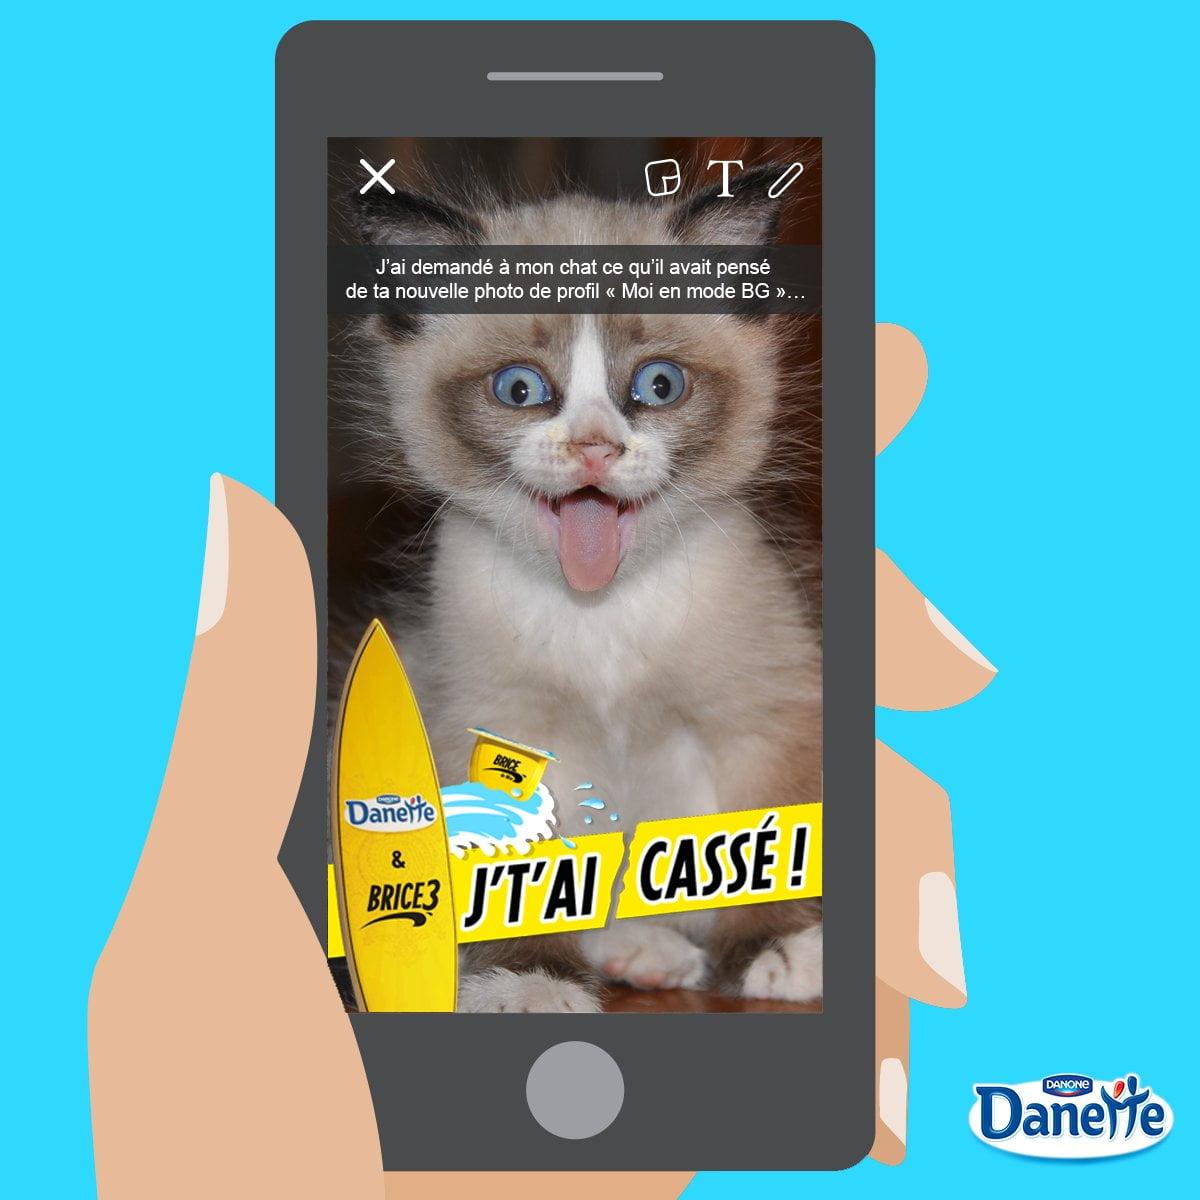 snapchat-danette